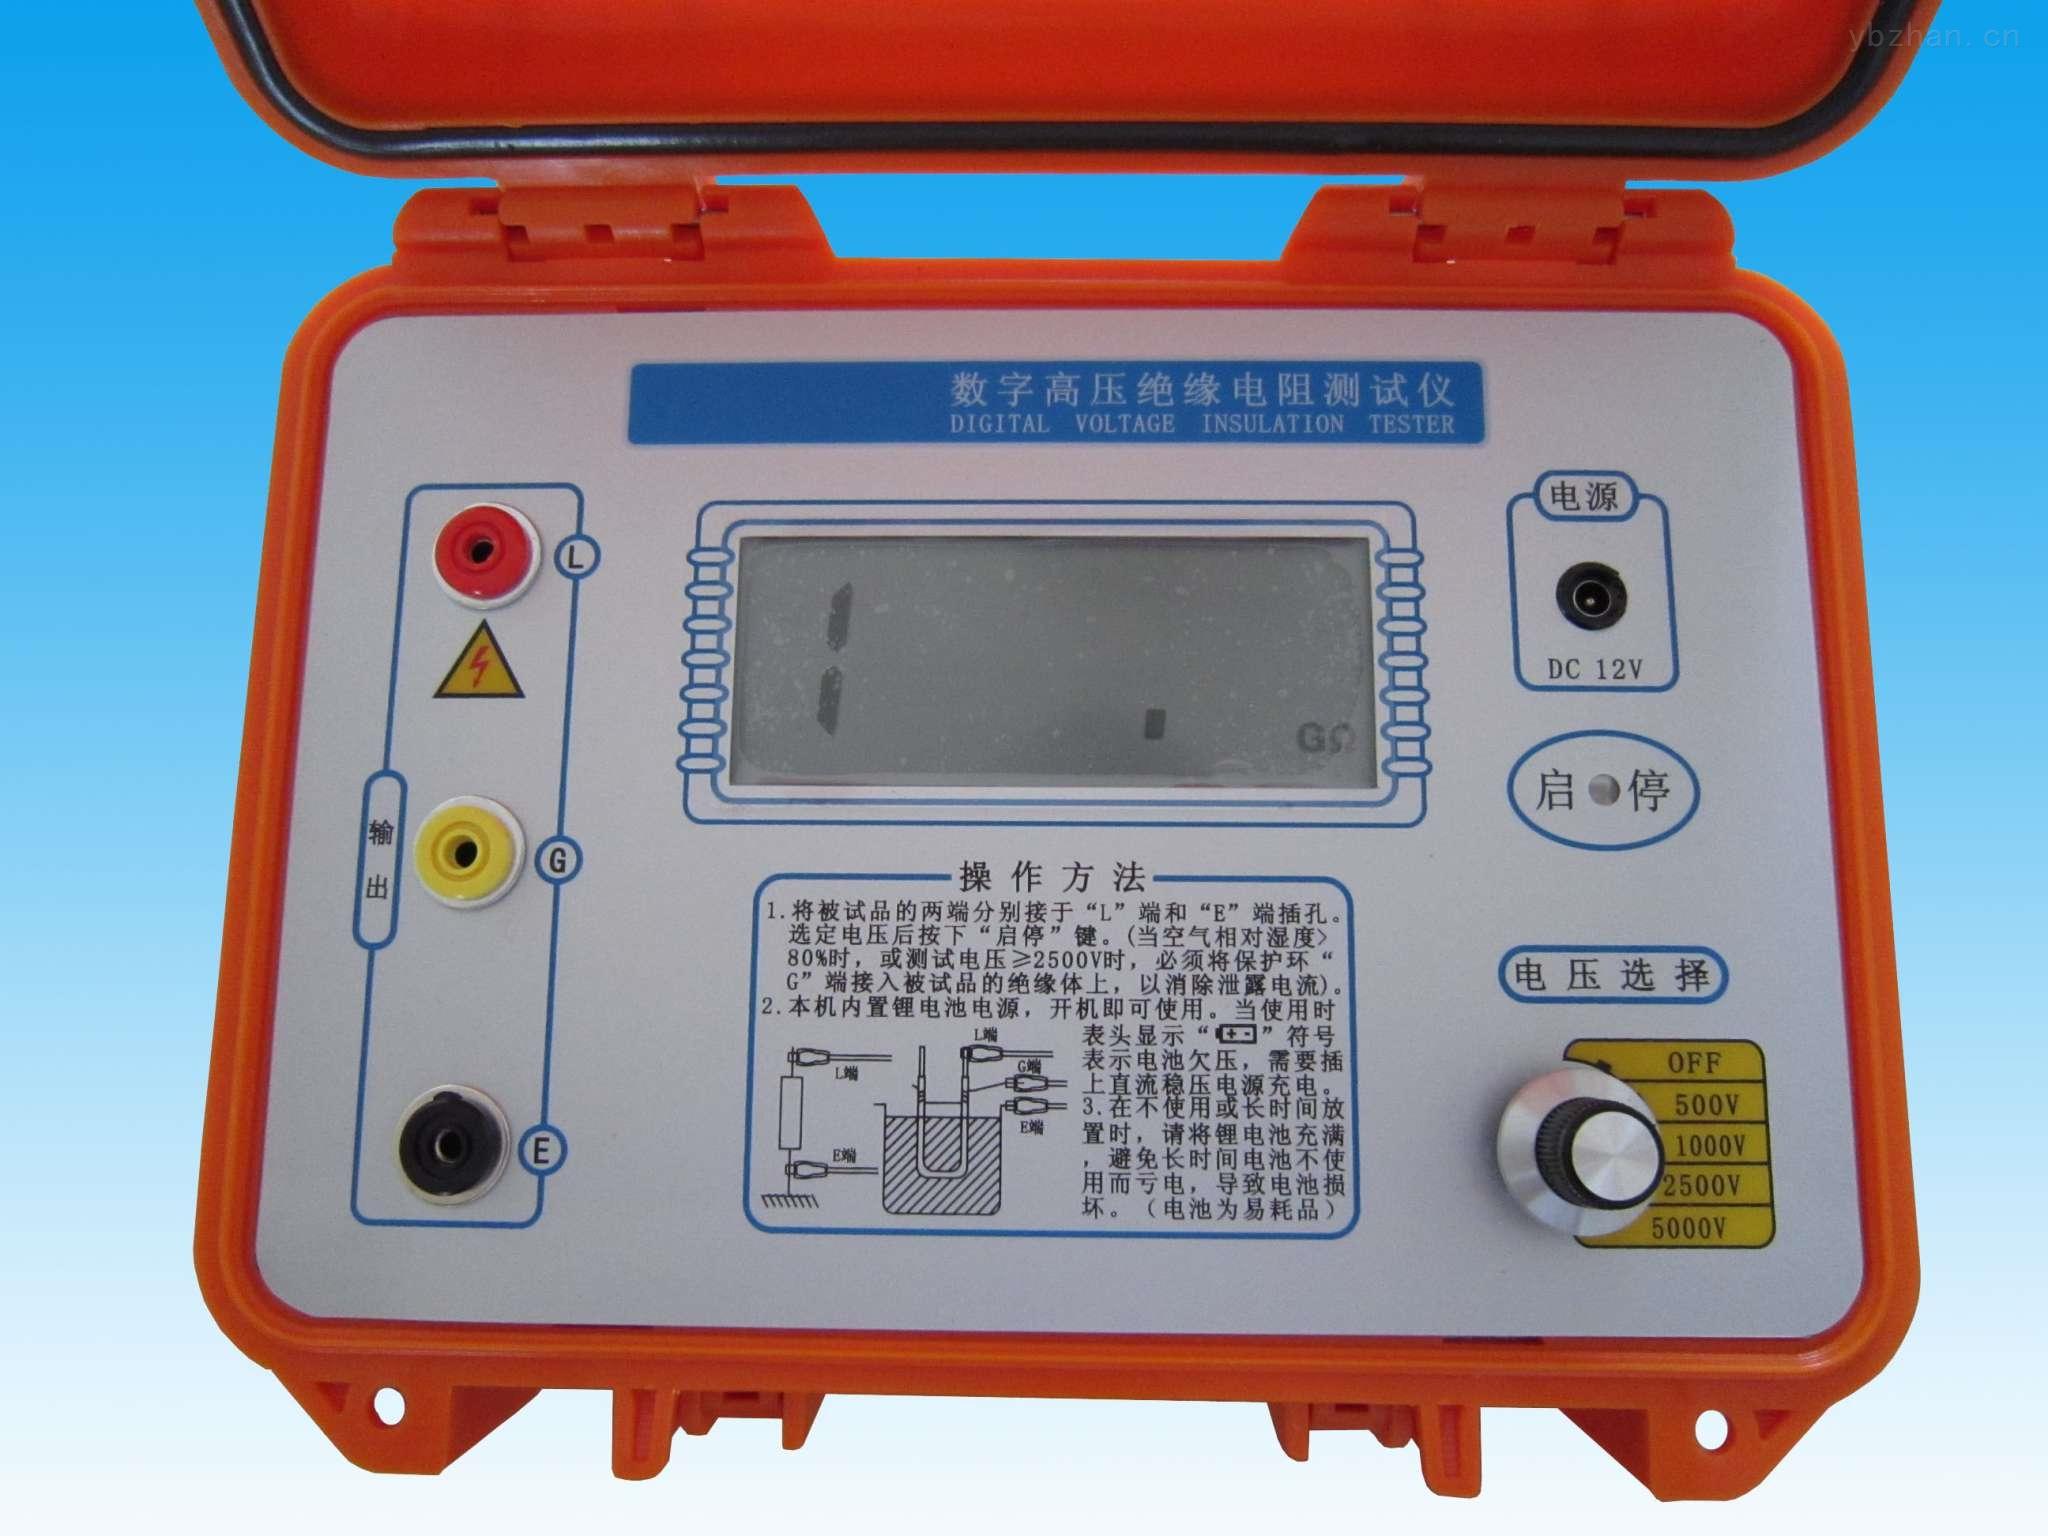 绝缘电阻测试仪厂家 绝缘电阻测试仪厂家专用于水内冷发电机的测量试验,同时也可用于试验室或现场做绝缘测试试验。输出电流大于20mA。输出电压最大2500V。内含高精度微电流测量系统、数字升压系统。只需要用一条高压线和一条信号线连接试品即可测量。测量自动进行,结果由大屏幕液晶显示,并将结果进行存储。  绝缘电阻测试仪厂家产品特点: 1、采用32位微控制器控制,全中文操作界面,操作方便; 2、自动计算吸收比和极化指数,并自动储存15秒、1分钟、2分钟、10分钟的每分钟数据便于分析; 3、输出电流大,短路电流大于